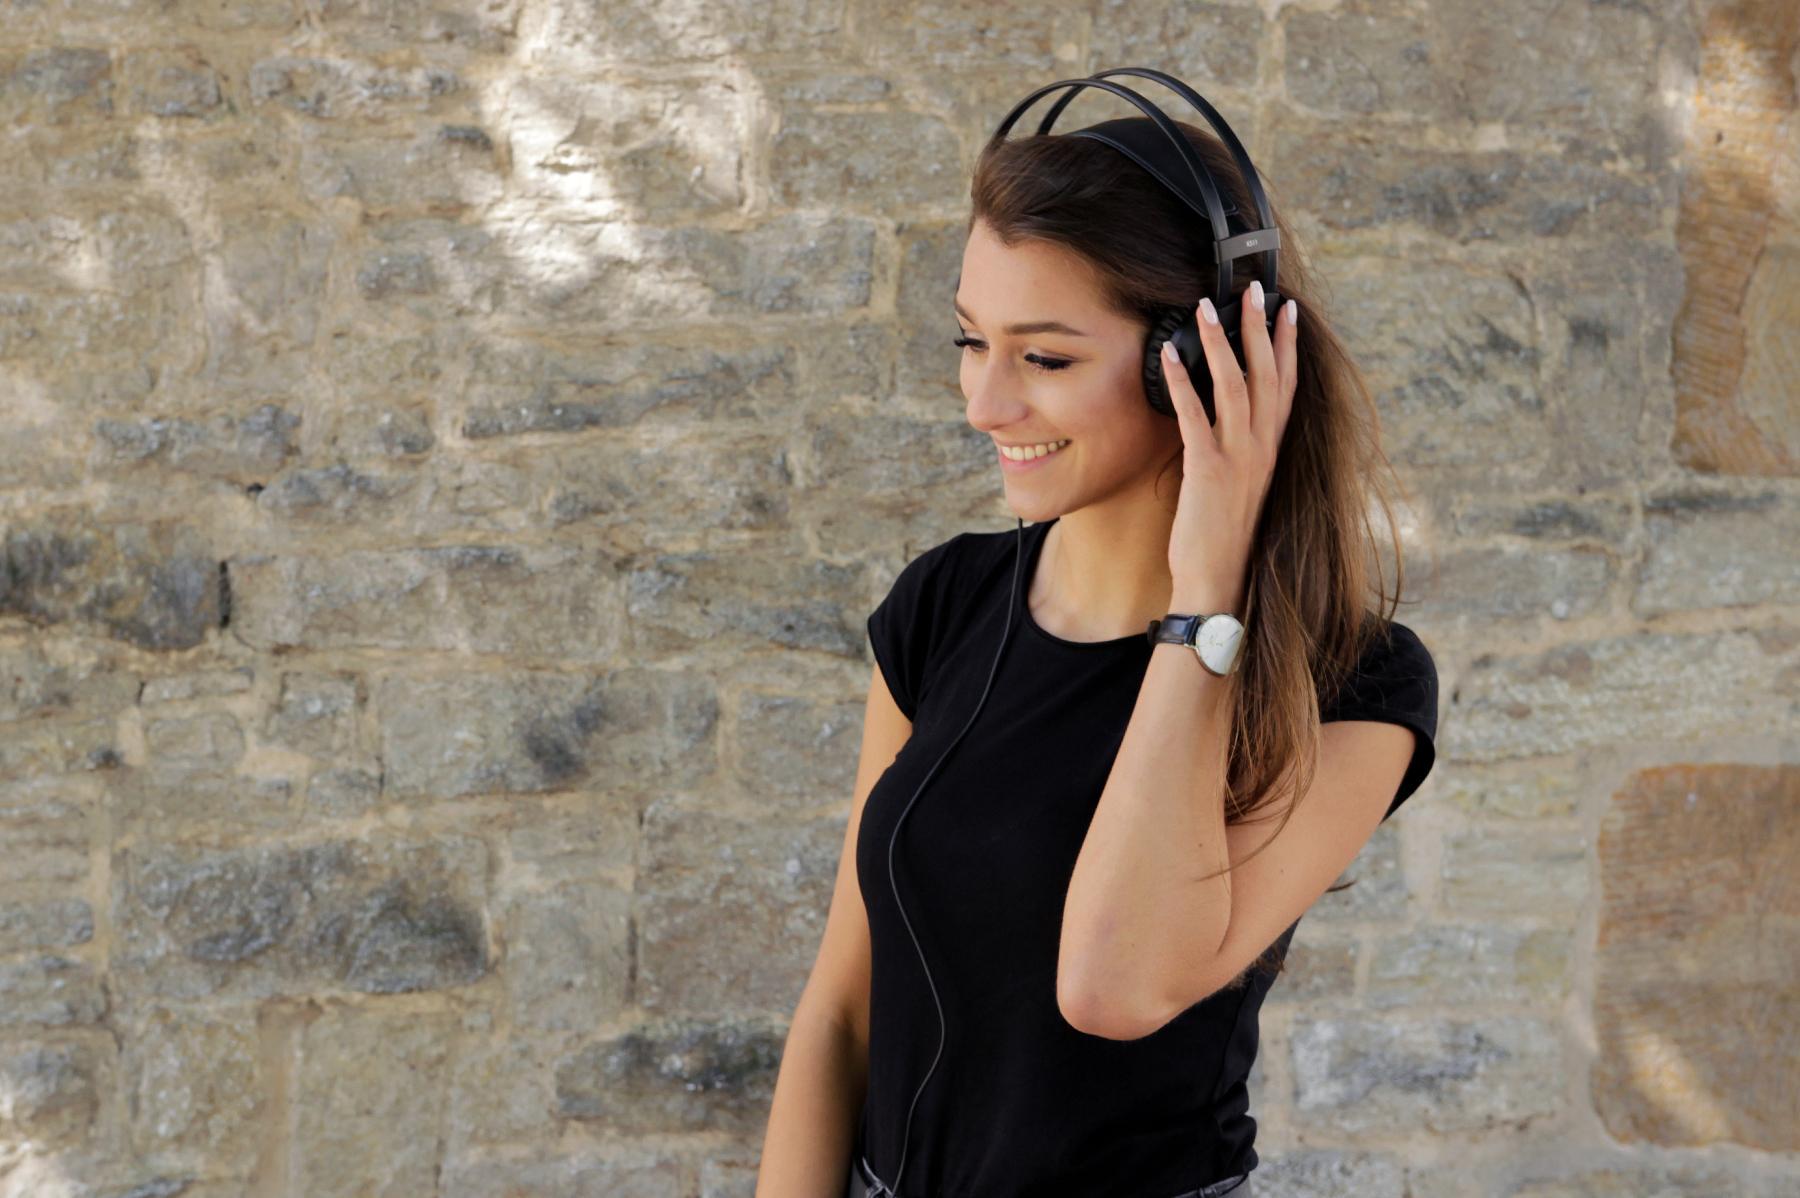 Musik hören_Kopfhörer